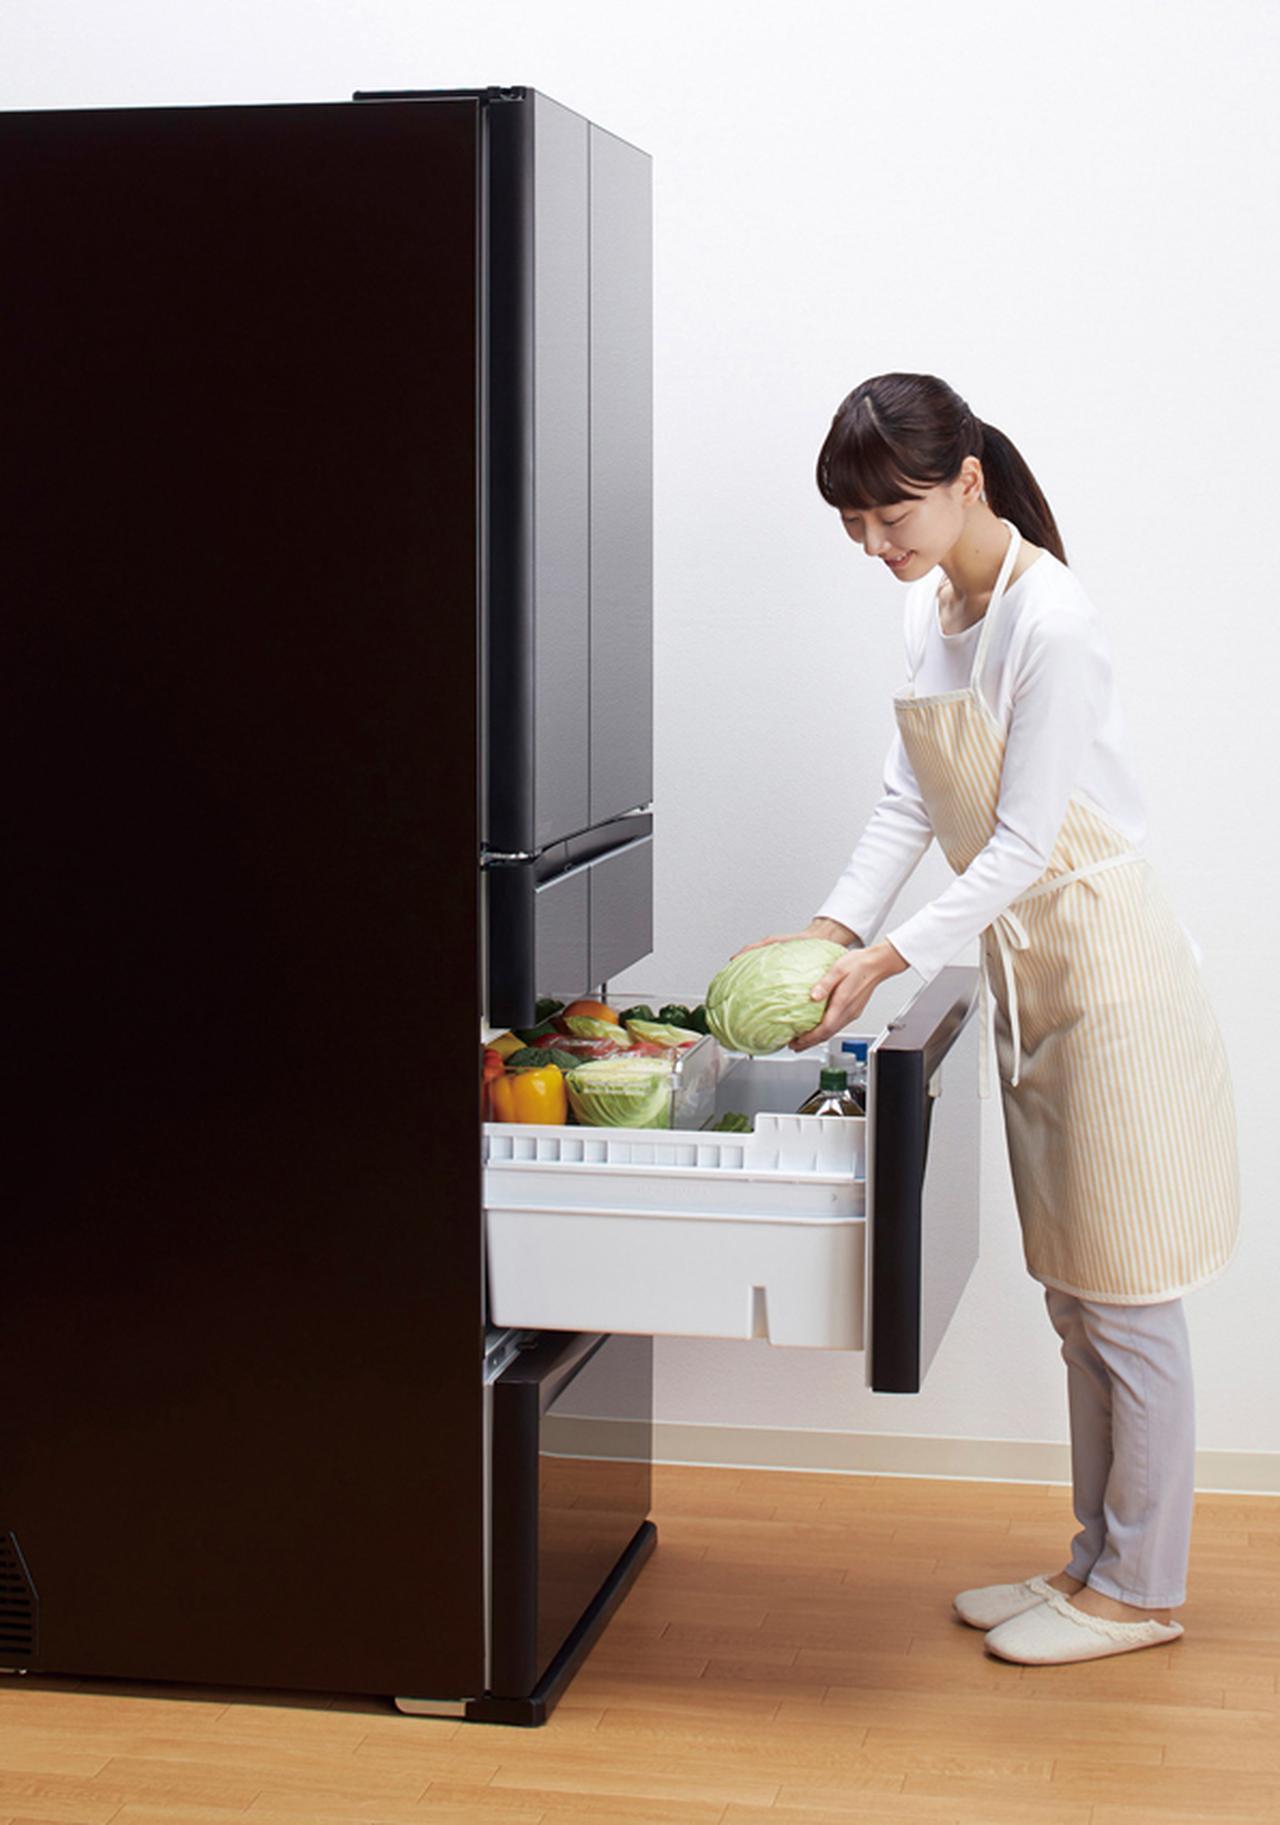 画像: 三菱の冷蔵庫としては、久しぶりに真ん中に野菜室をレイアウト。野菜を多用する人にはとても使いやすい仕様だ。